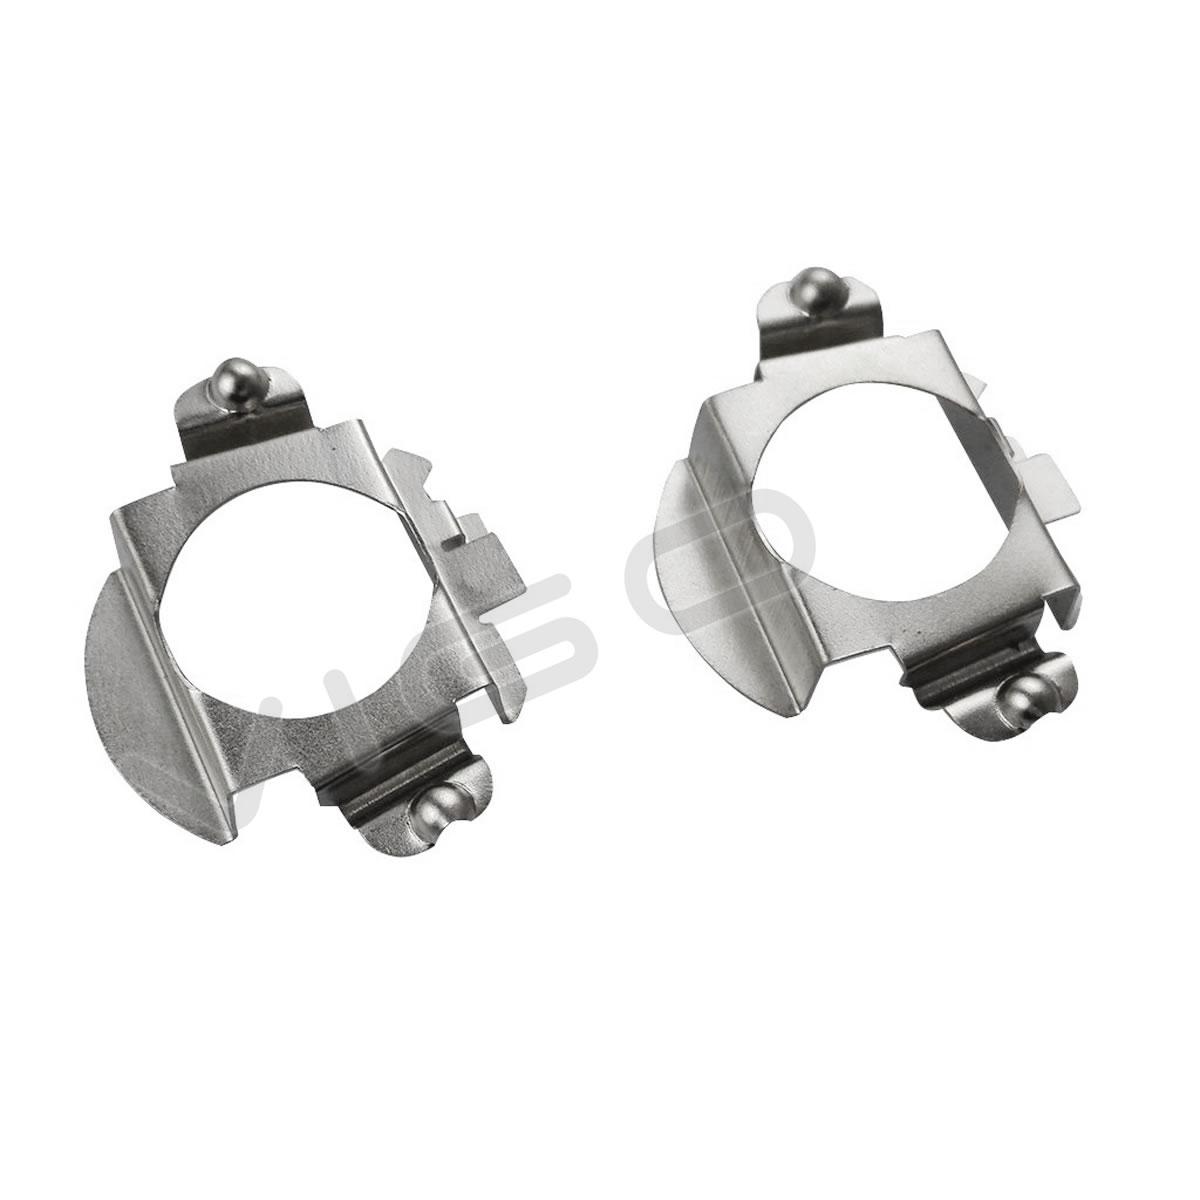 H7 Headlight Bulb Socket : H led headlight bulbs holder adapters retainer for